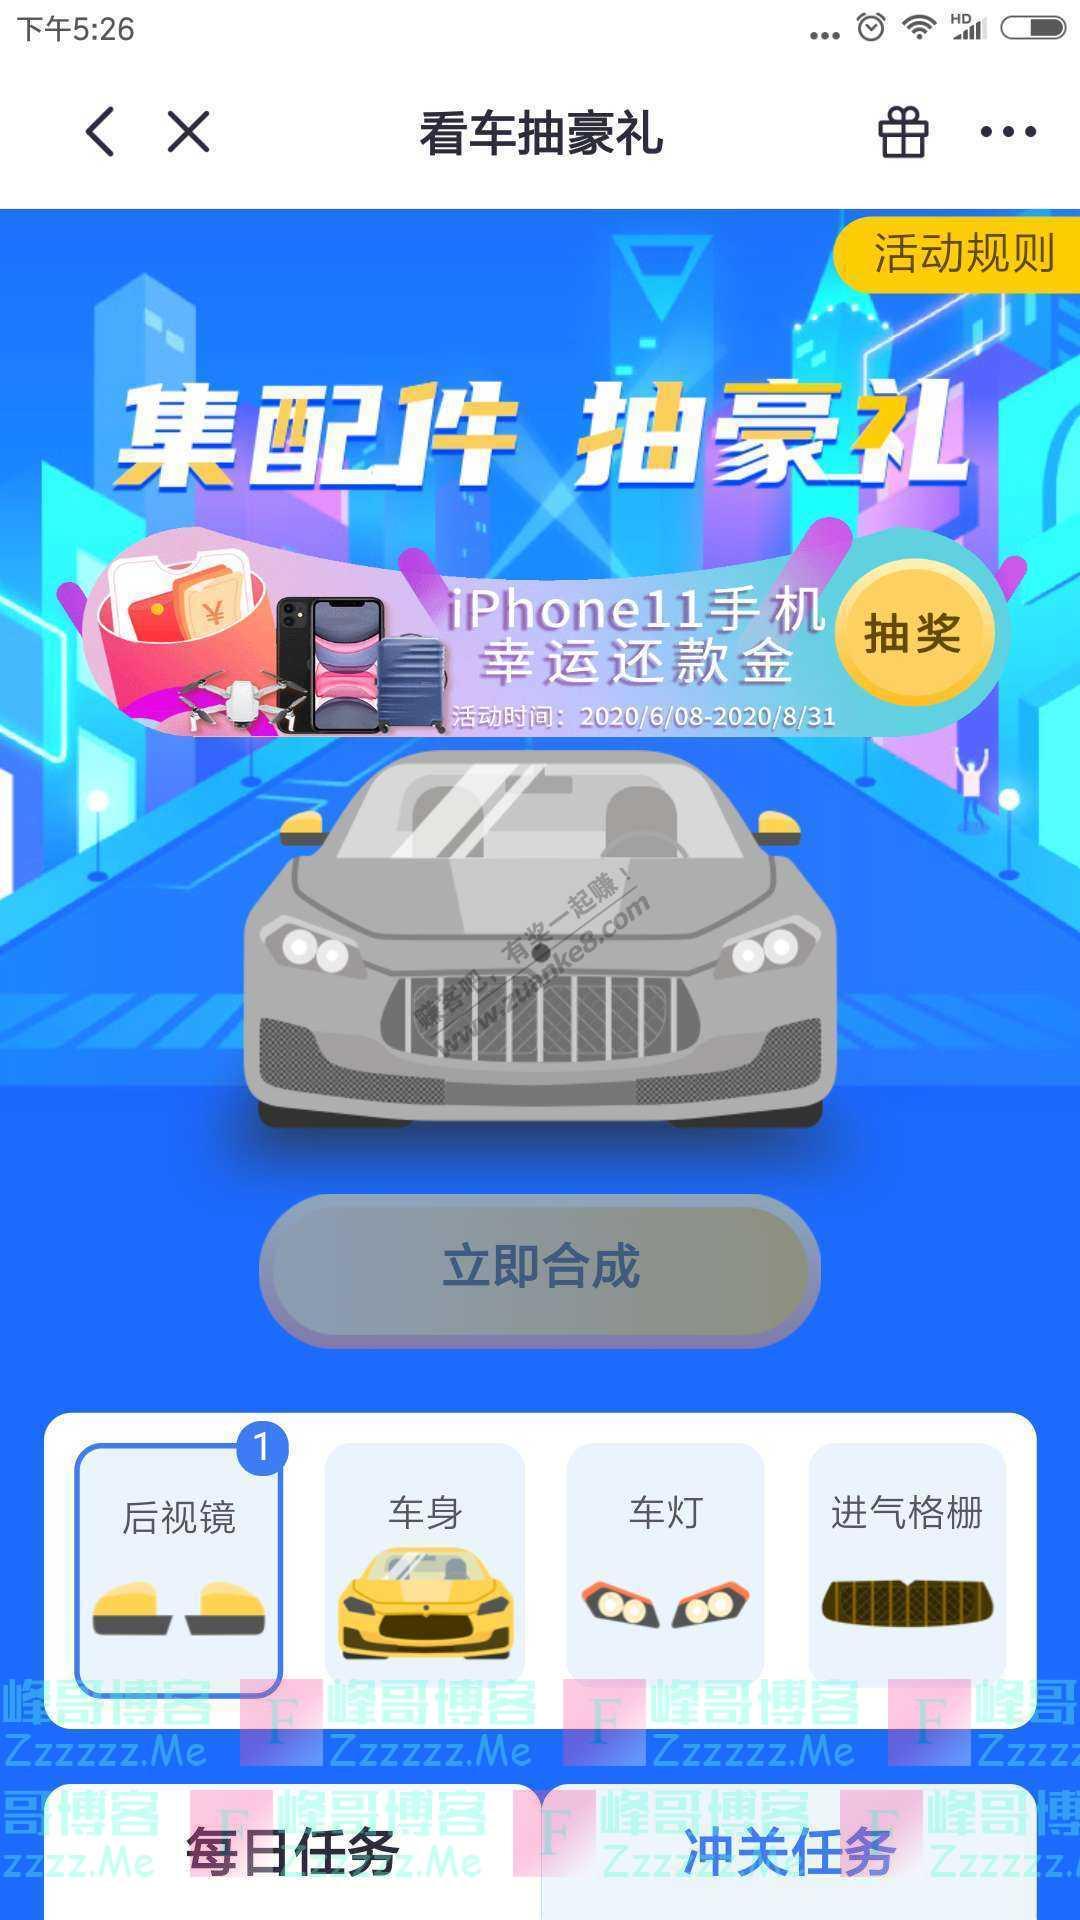 掌上生活玩游戏赢iphone(截止8月31日)